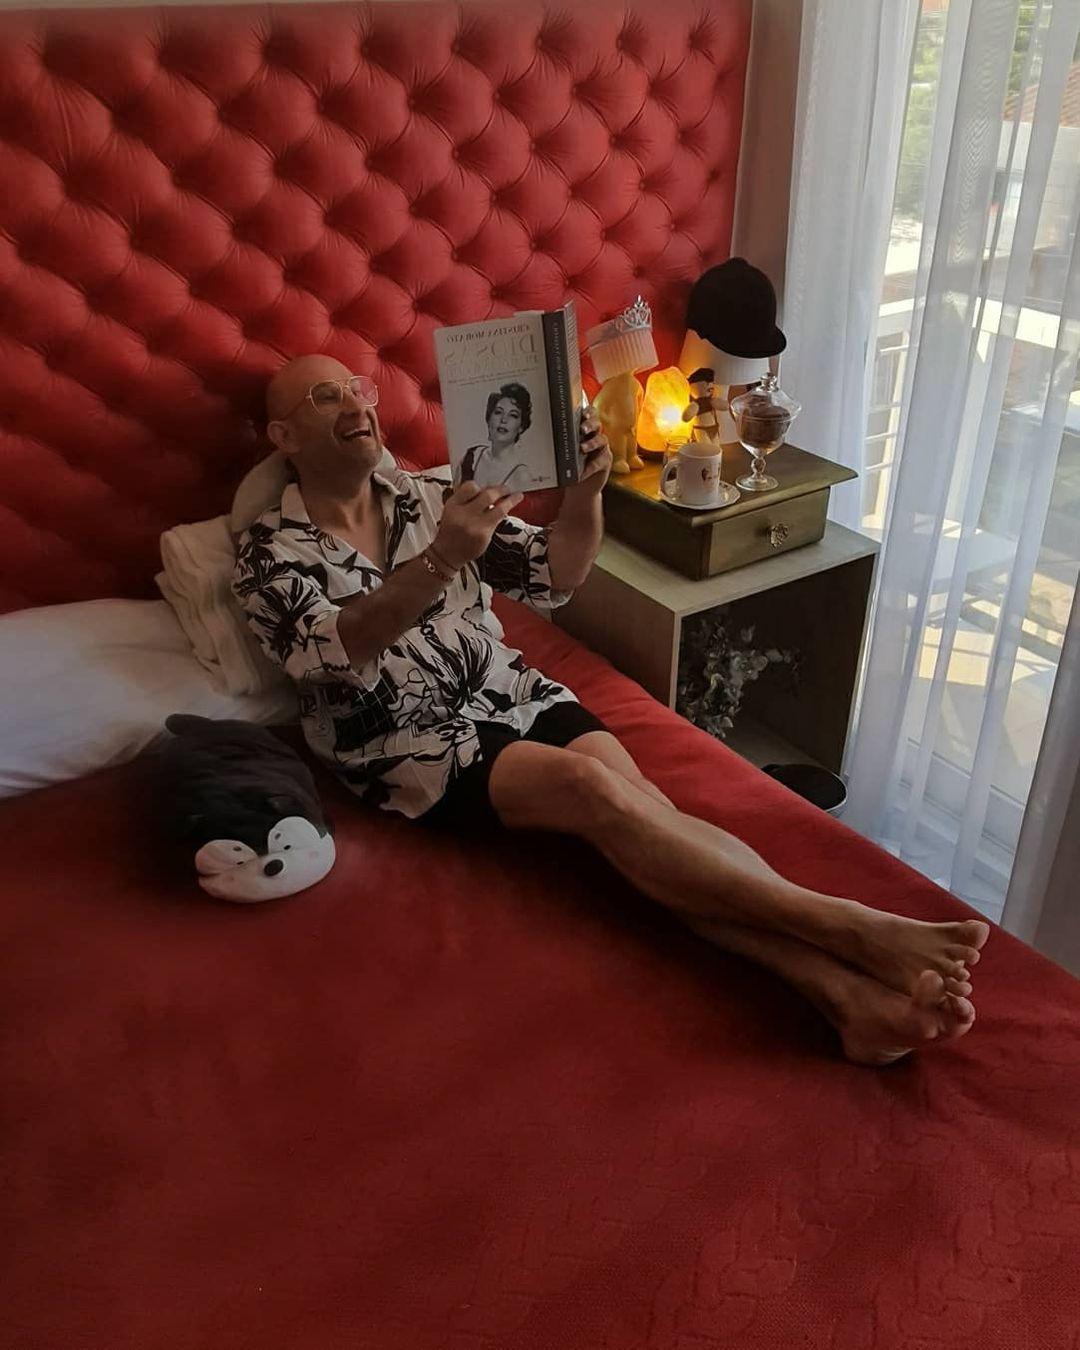 Jork Aveiro, moda y actuación siguen siendo pasiones en su vida. Foto: Gentileza.